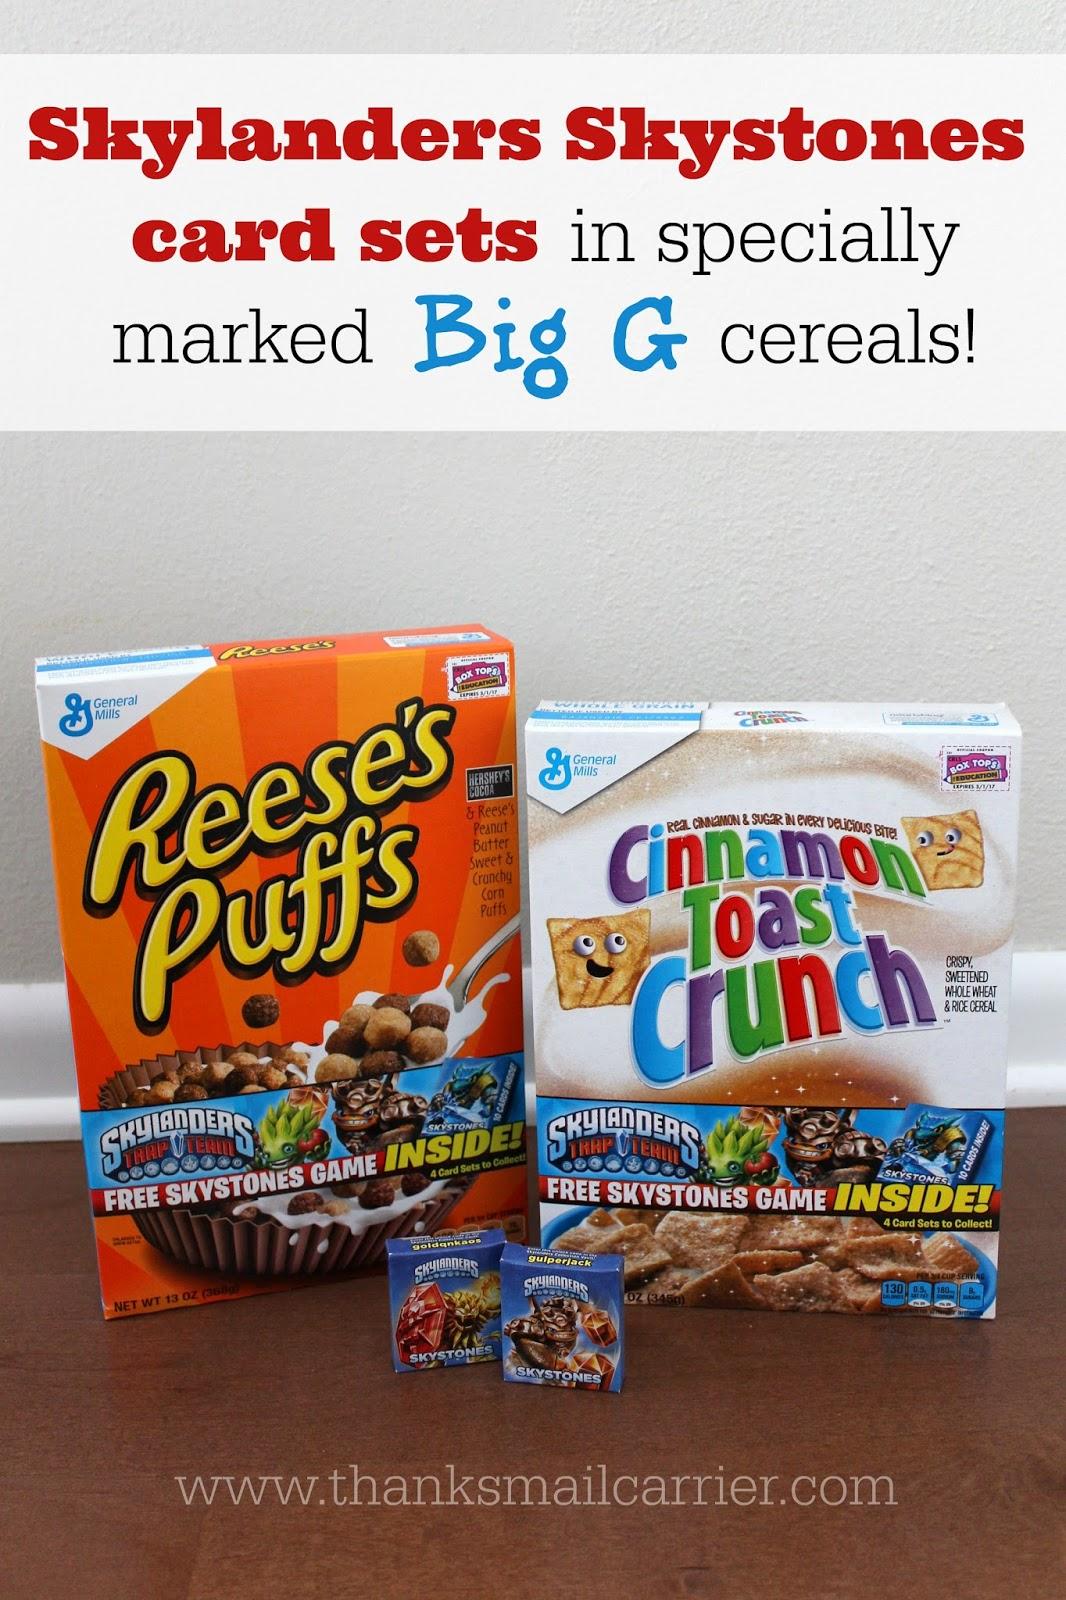 Skylanders Skystones Big G cereal